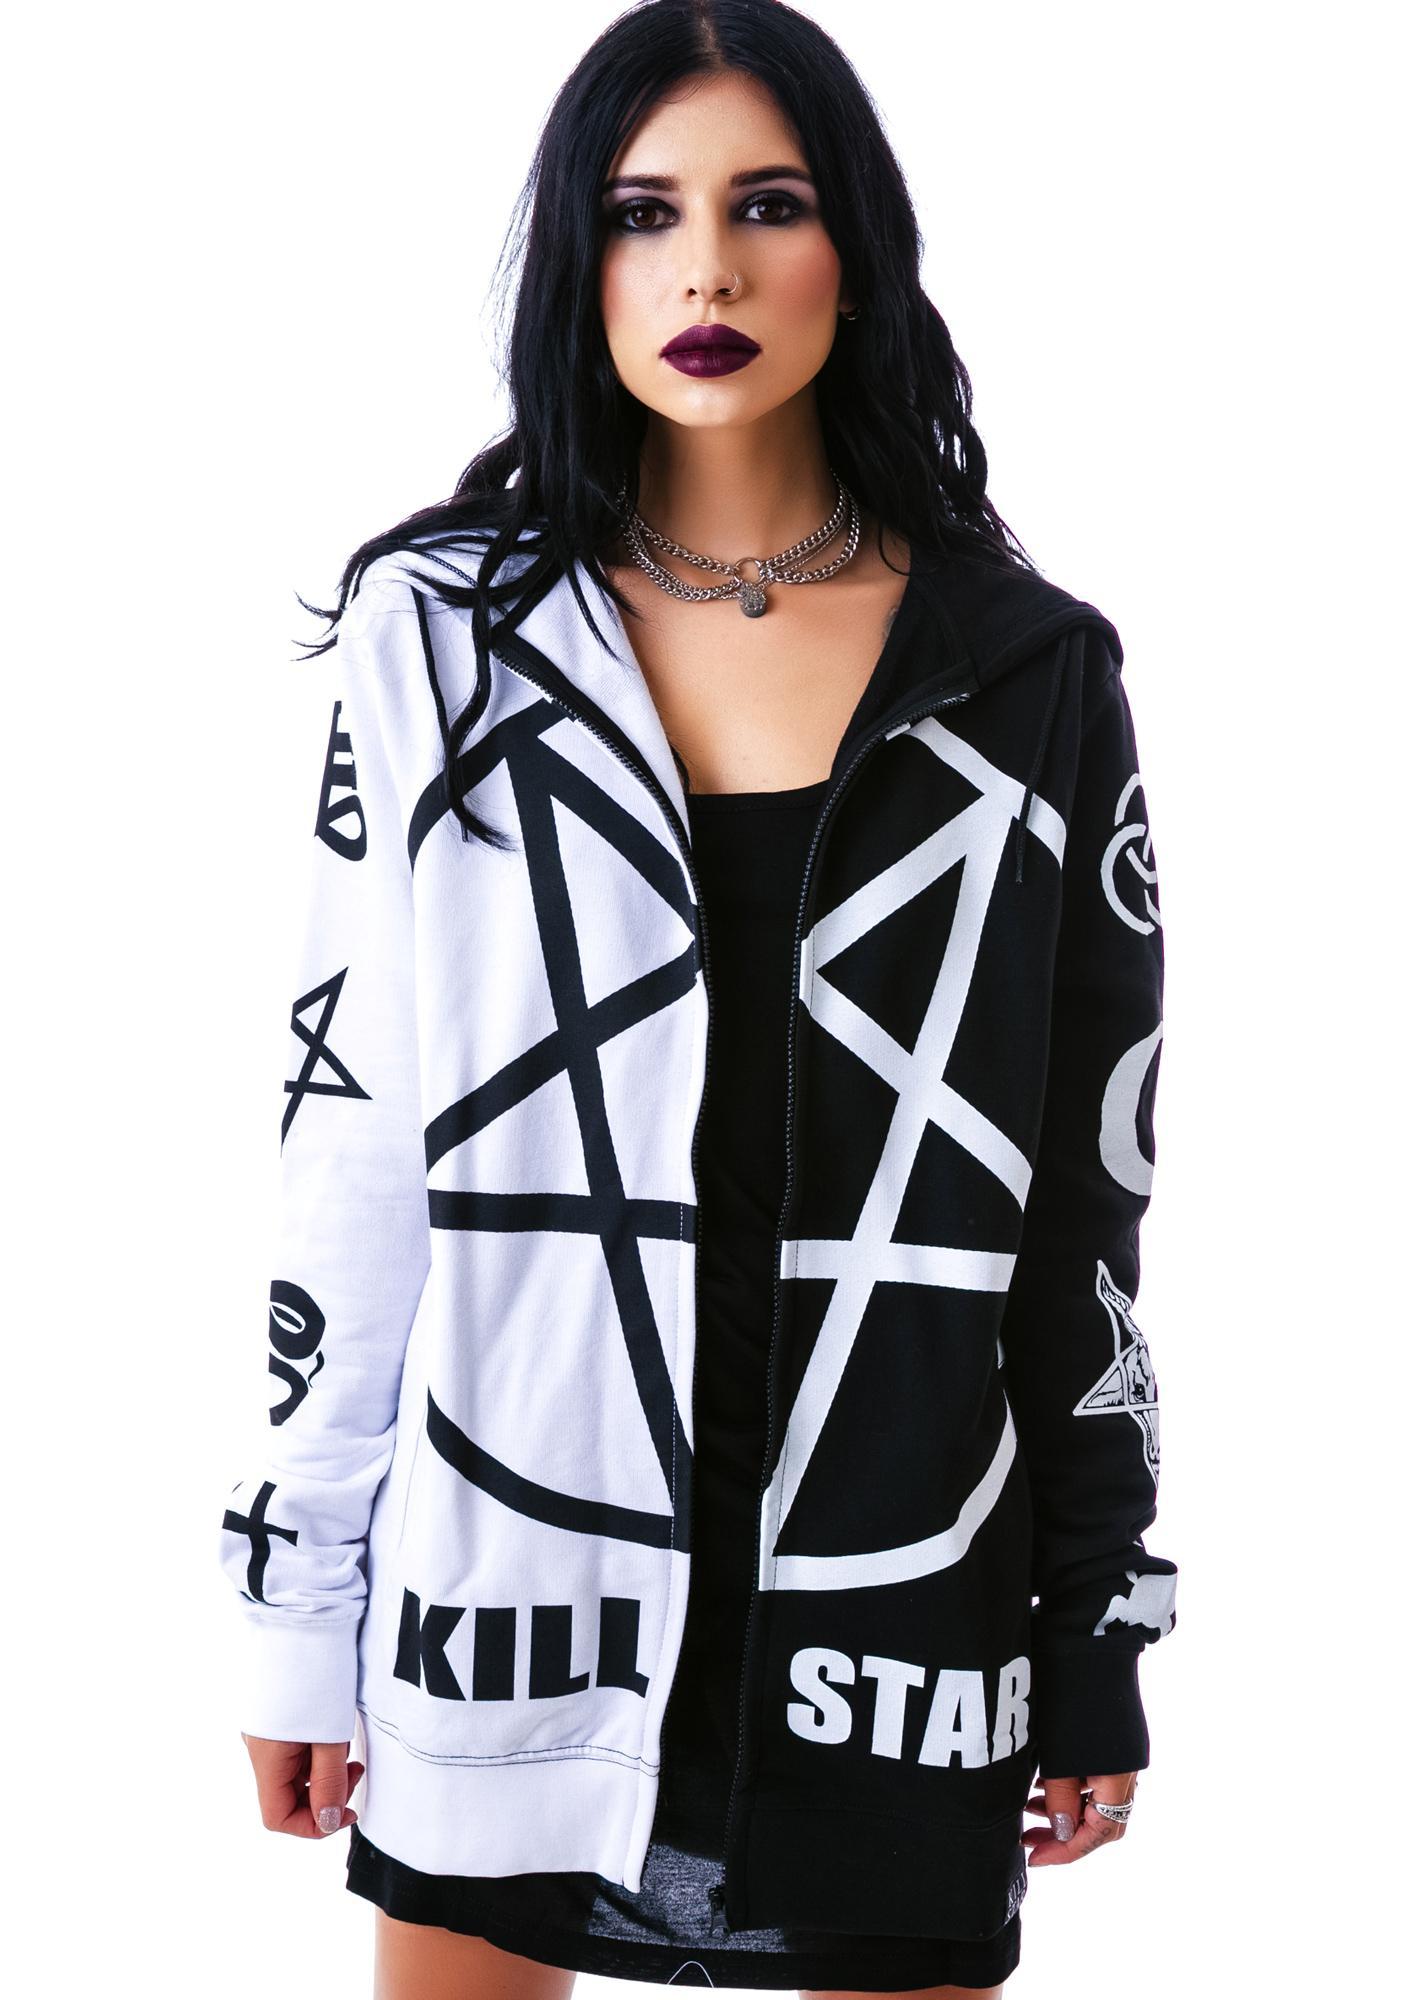 Killstar Split Personality Hoodie